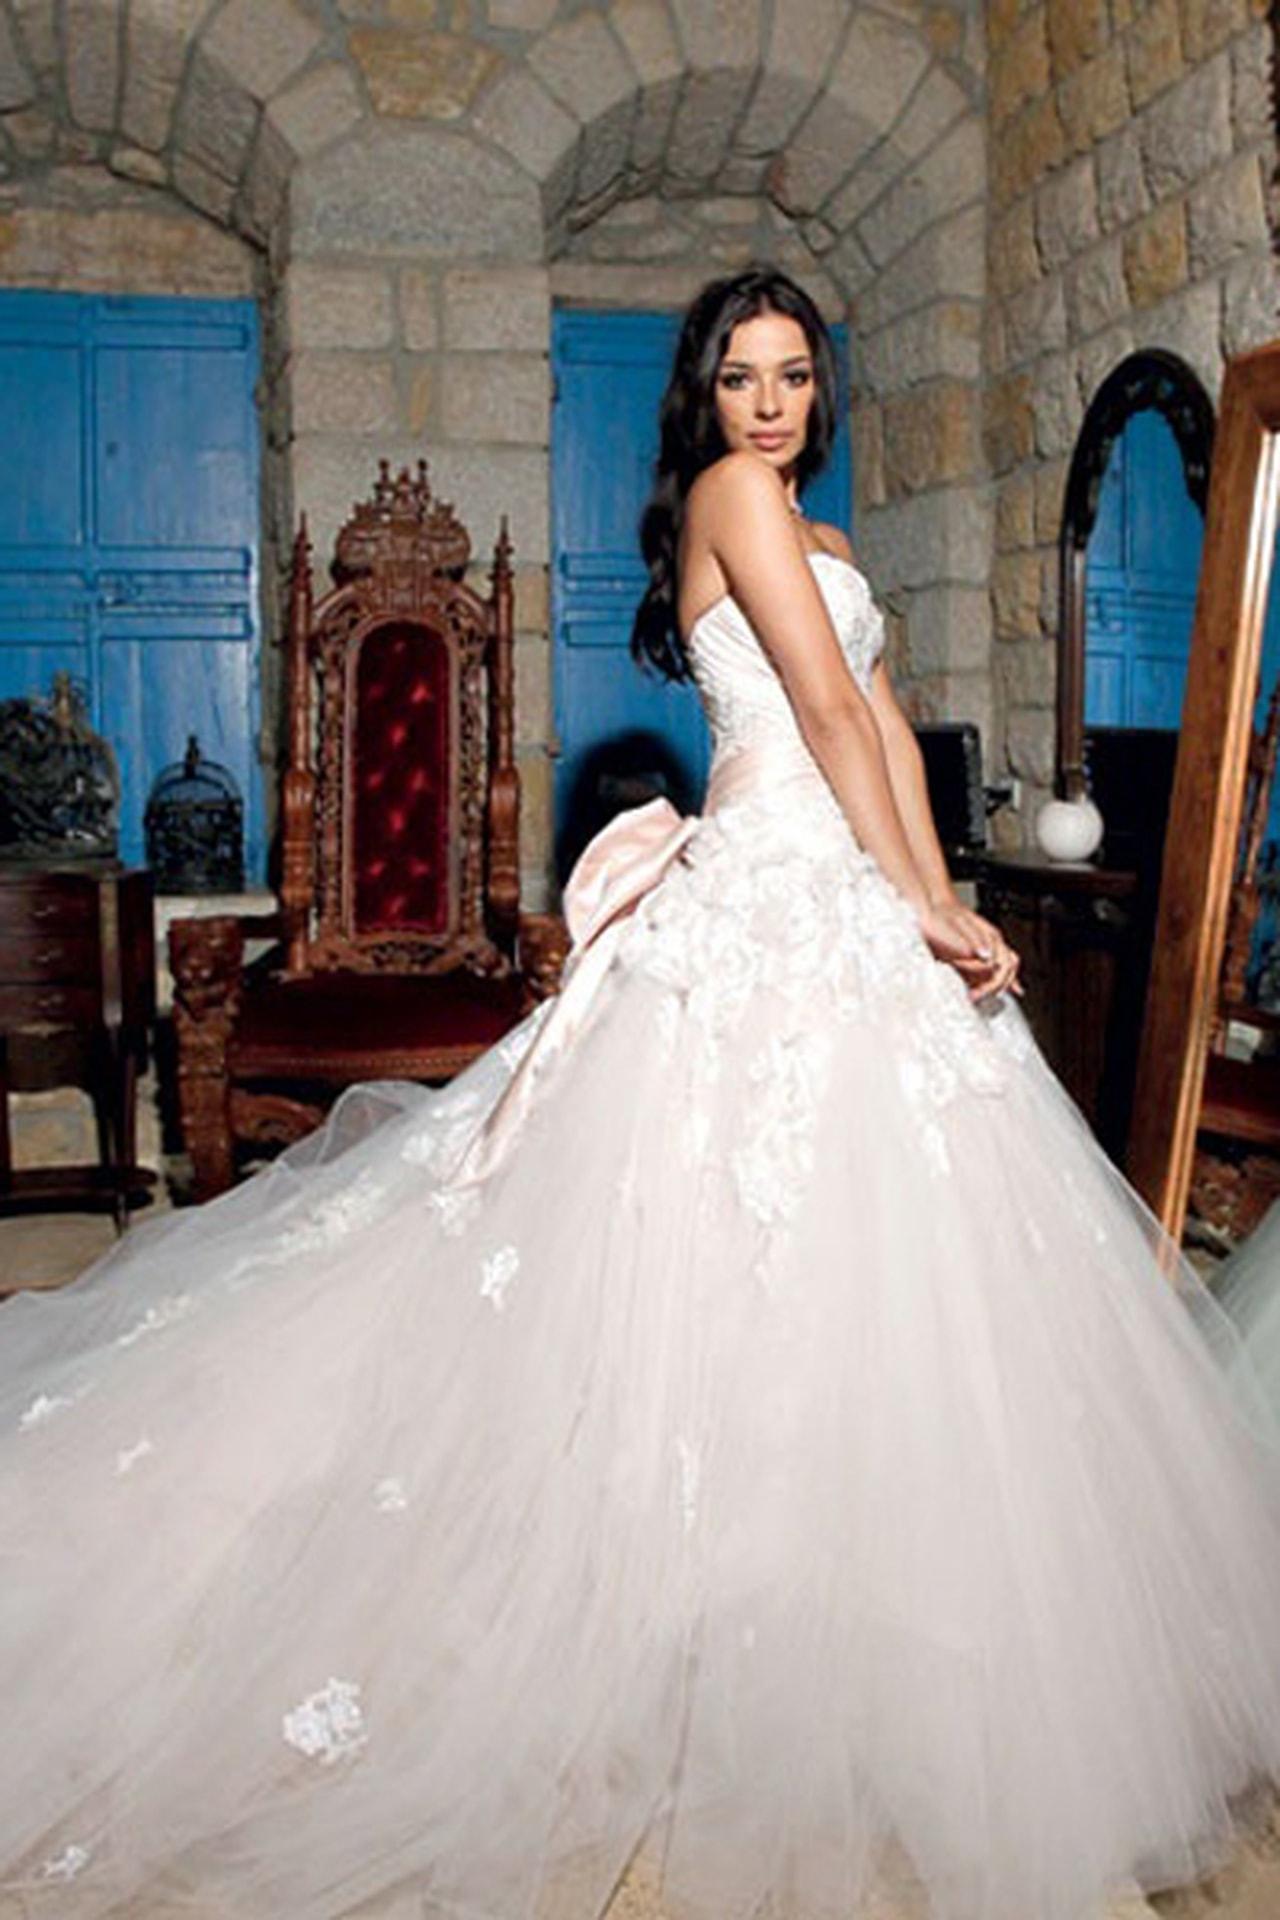 بالصور صور عروسة , اجمل صور للعرائس بالفستان الابيض 4367 8